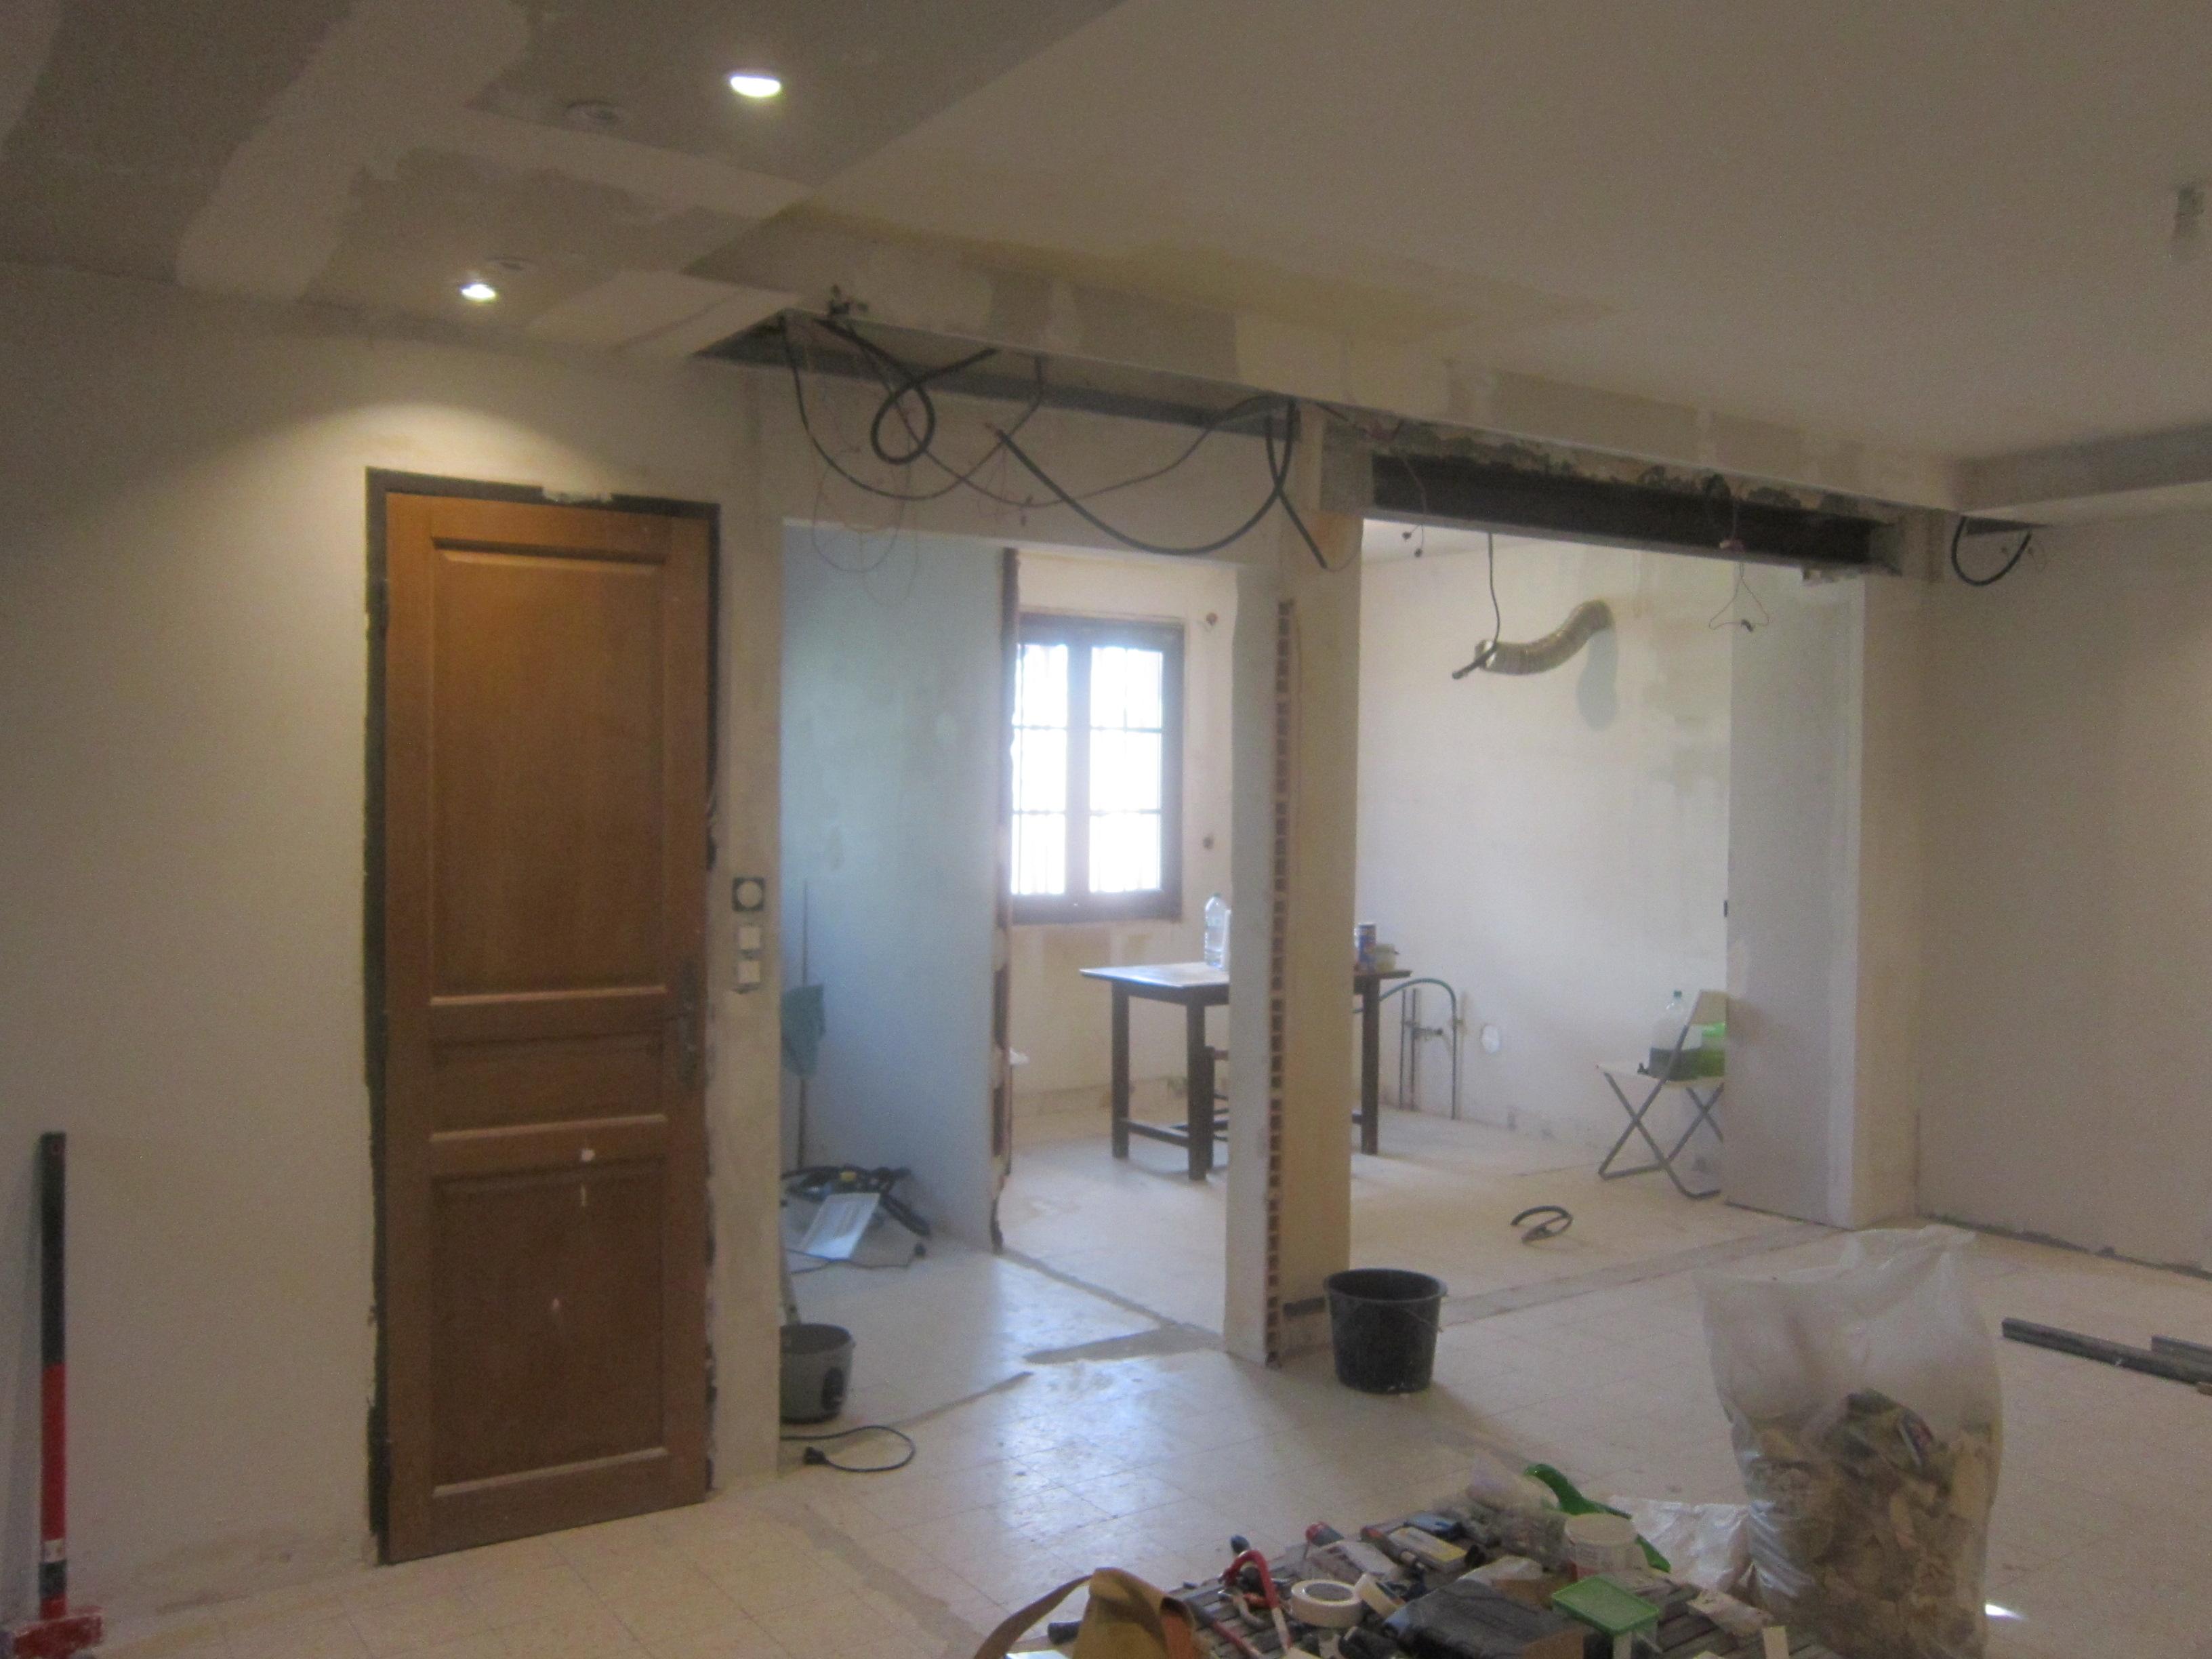 souder deux poutres ipn calcul ipn. Black Bedroom Furniture Sets. Home Design Ideas